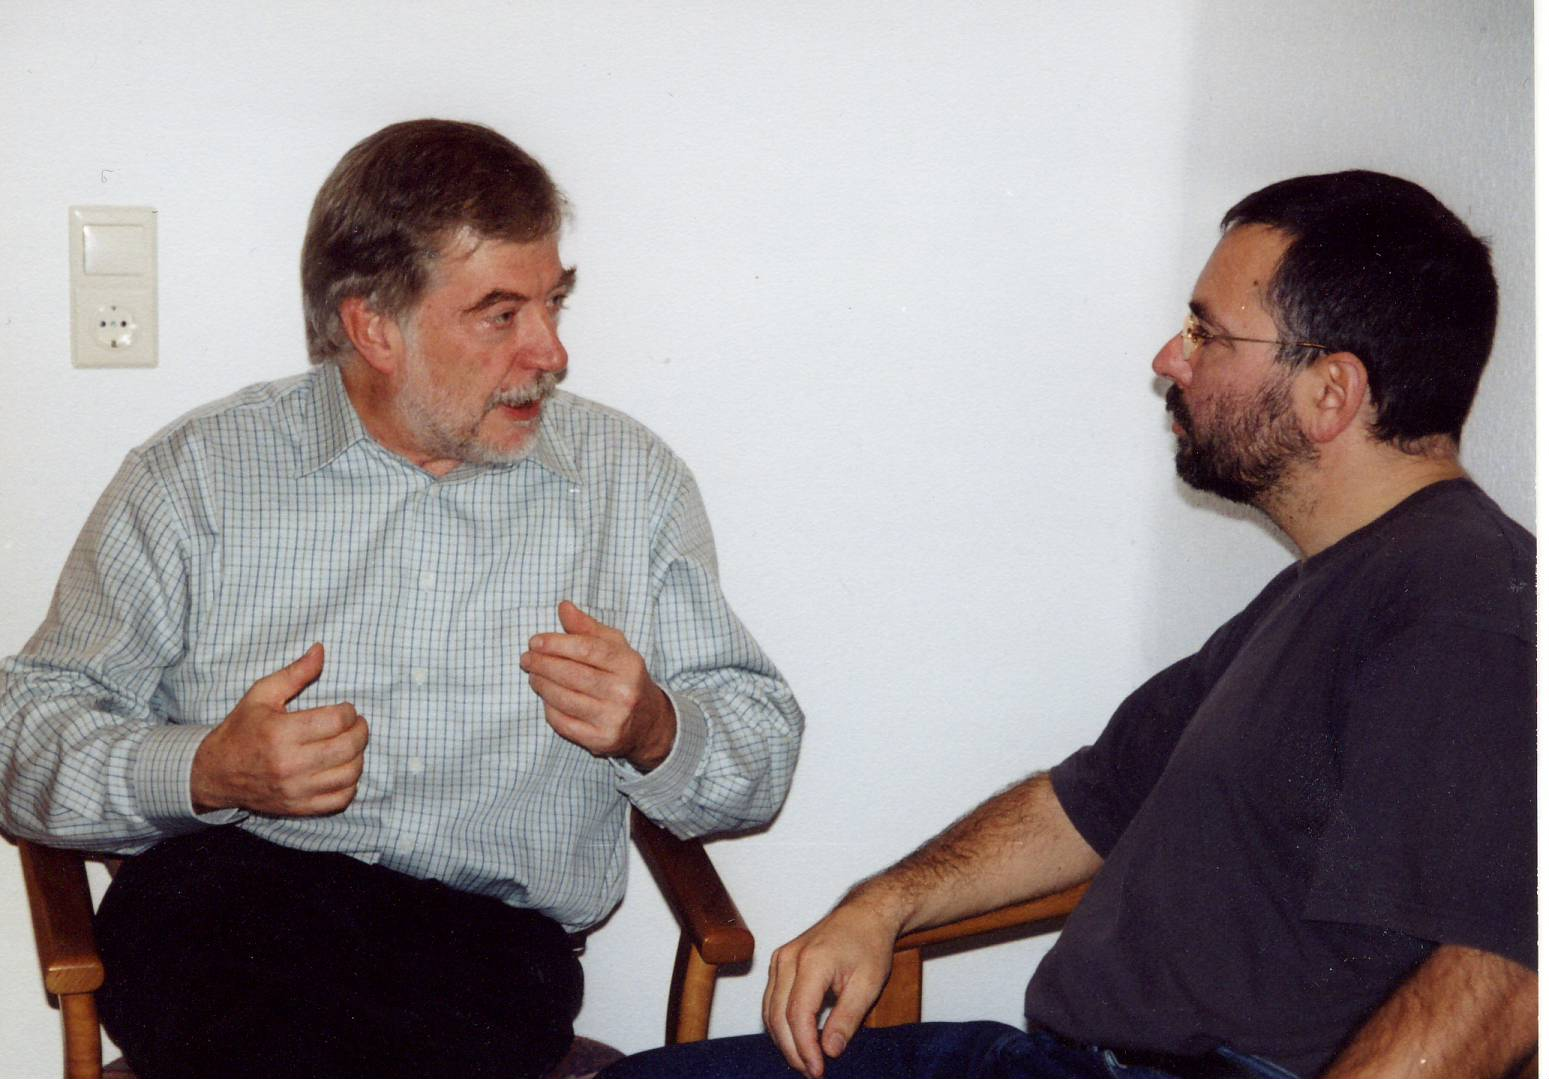 Hans-Joachim Maaz und Andreas Peglau, 2002 bei einem weiteren Gespröäch (Foto: Ulrike Gedeon-Maaz)